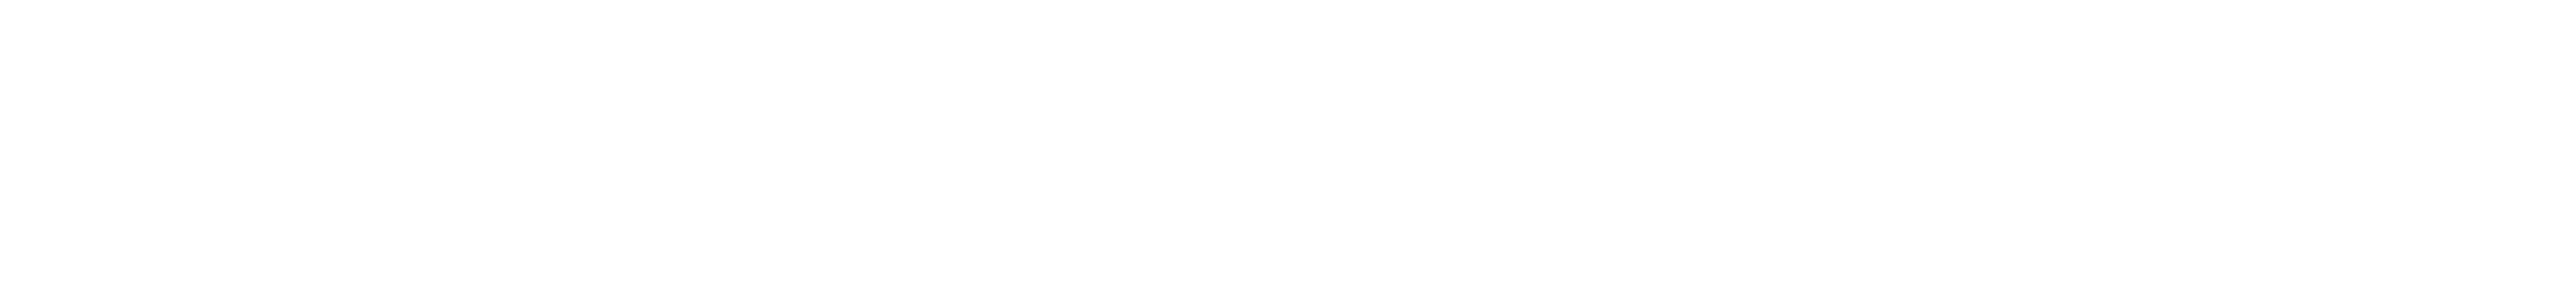 Wolkentrennbild